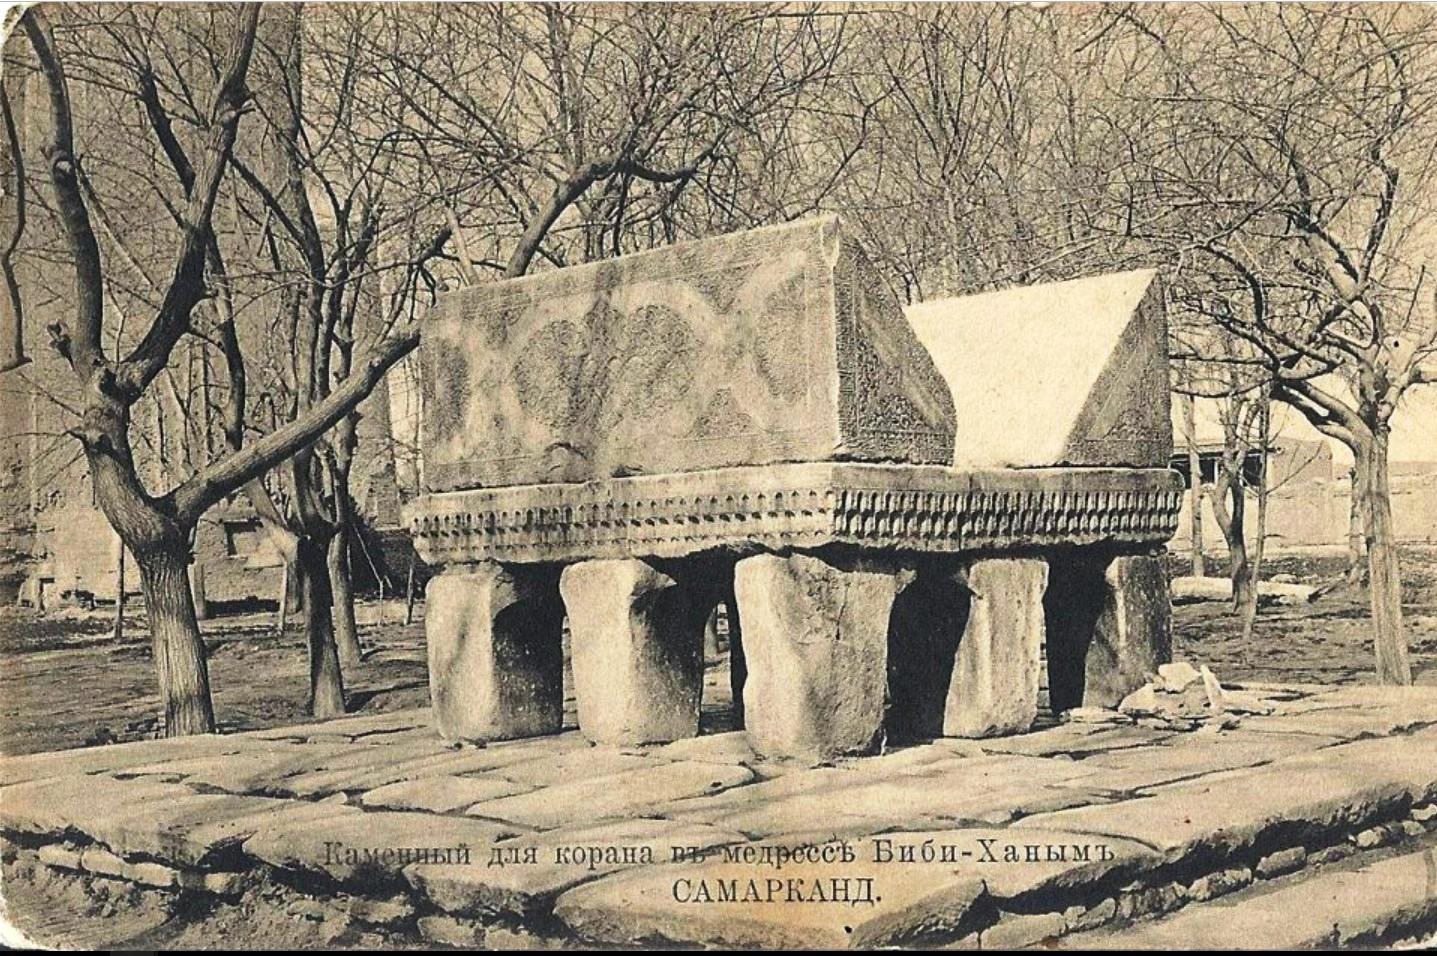 Каменный для Корана в медресе Биби-Ханым